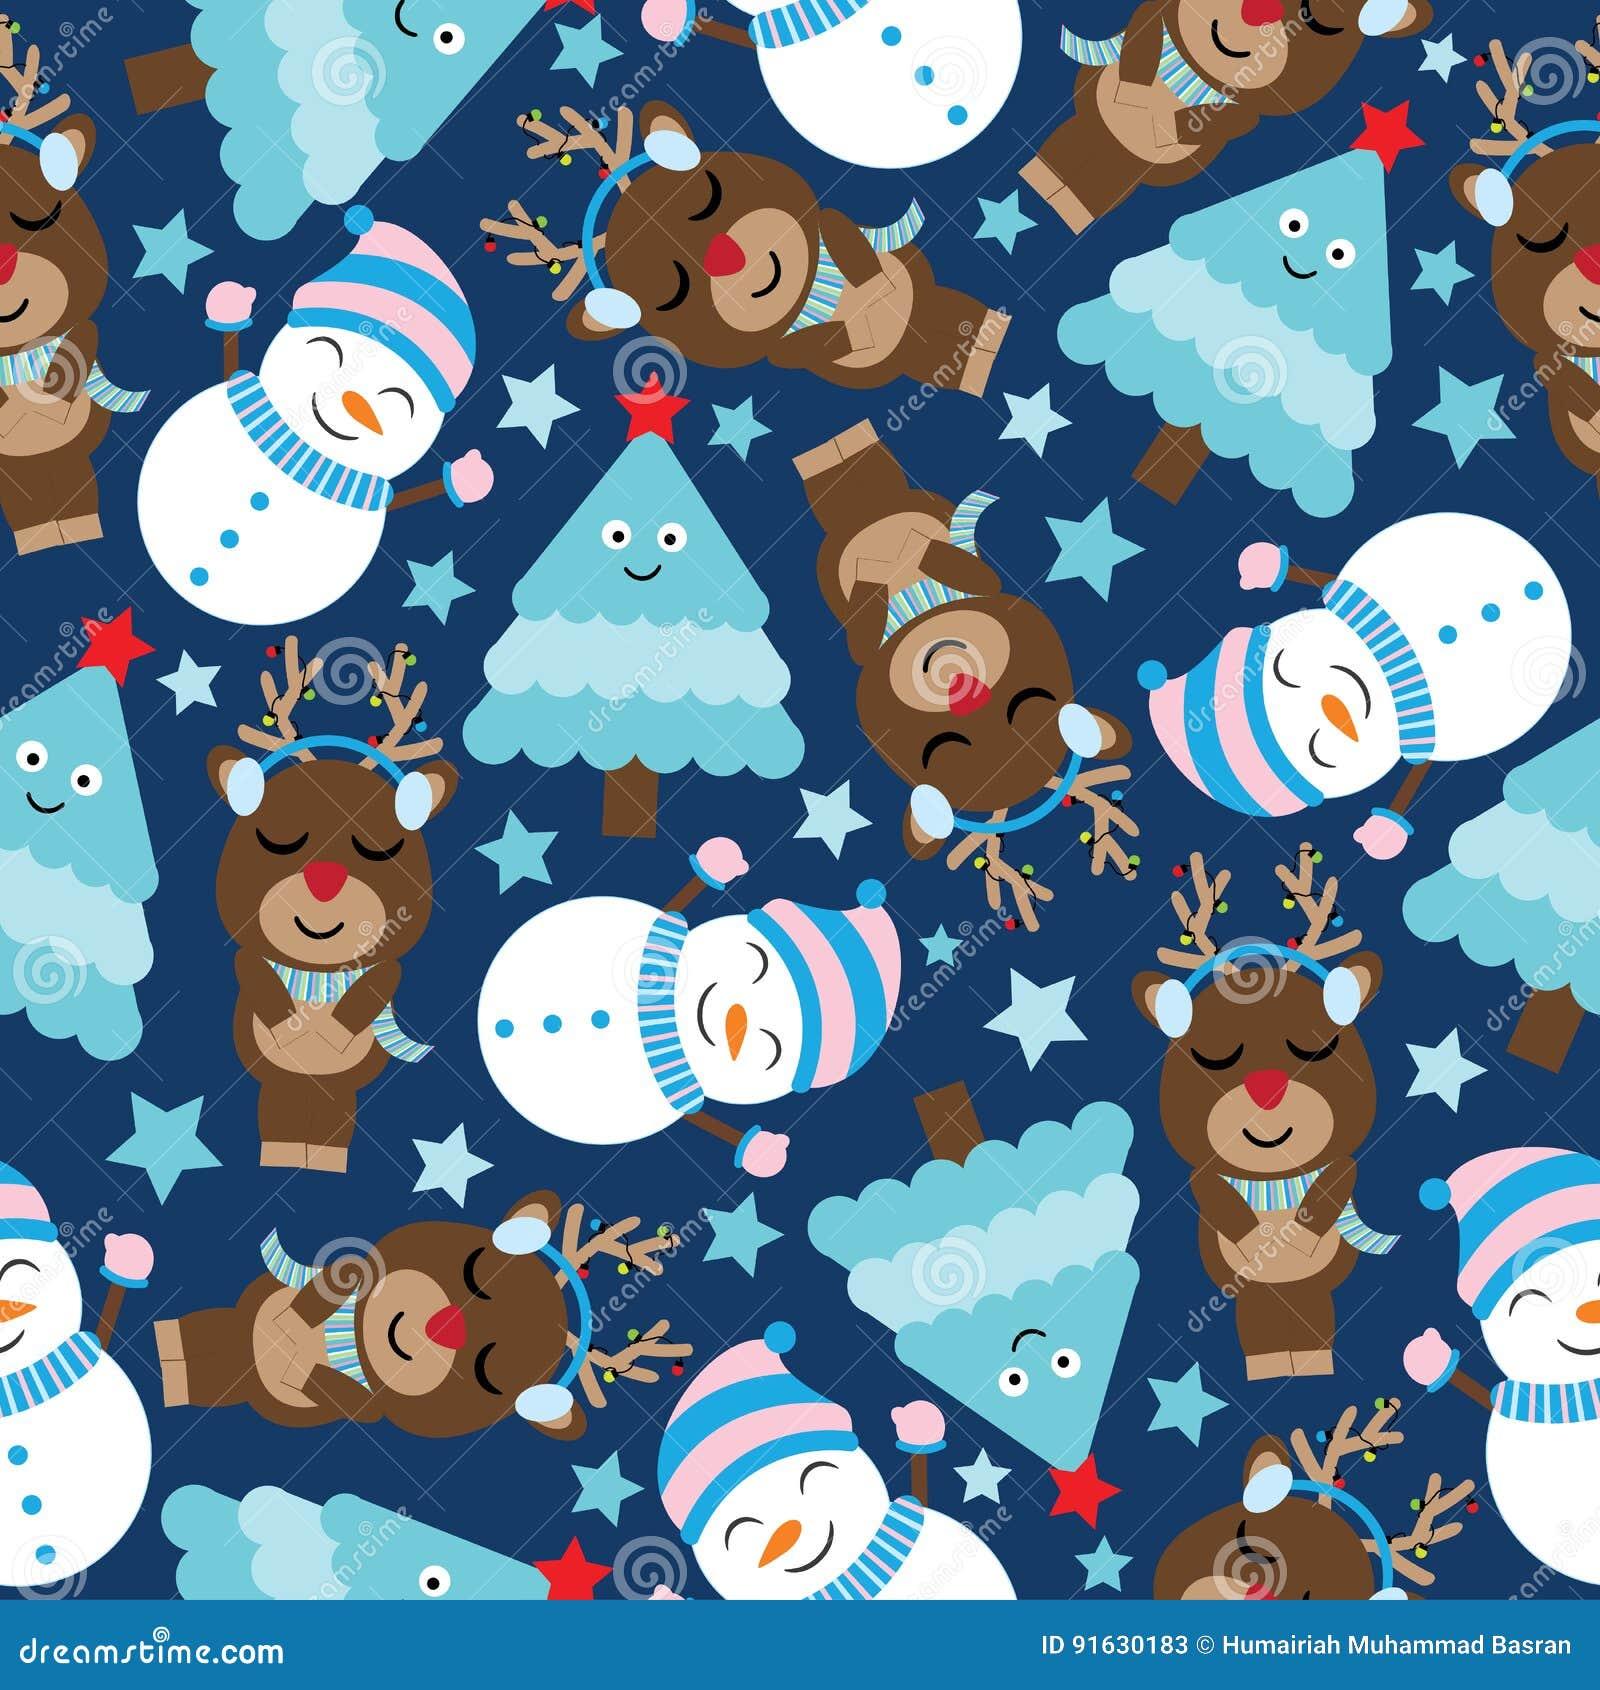 cute deer snowman tree dark blue background cartoon xmas seamless pattern postcard wallpaper t shirt design kids 91630183